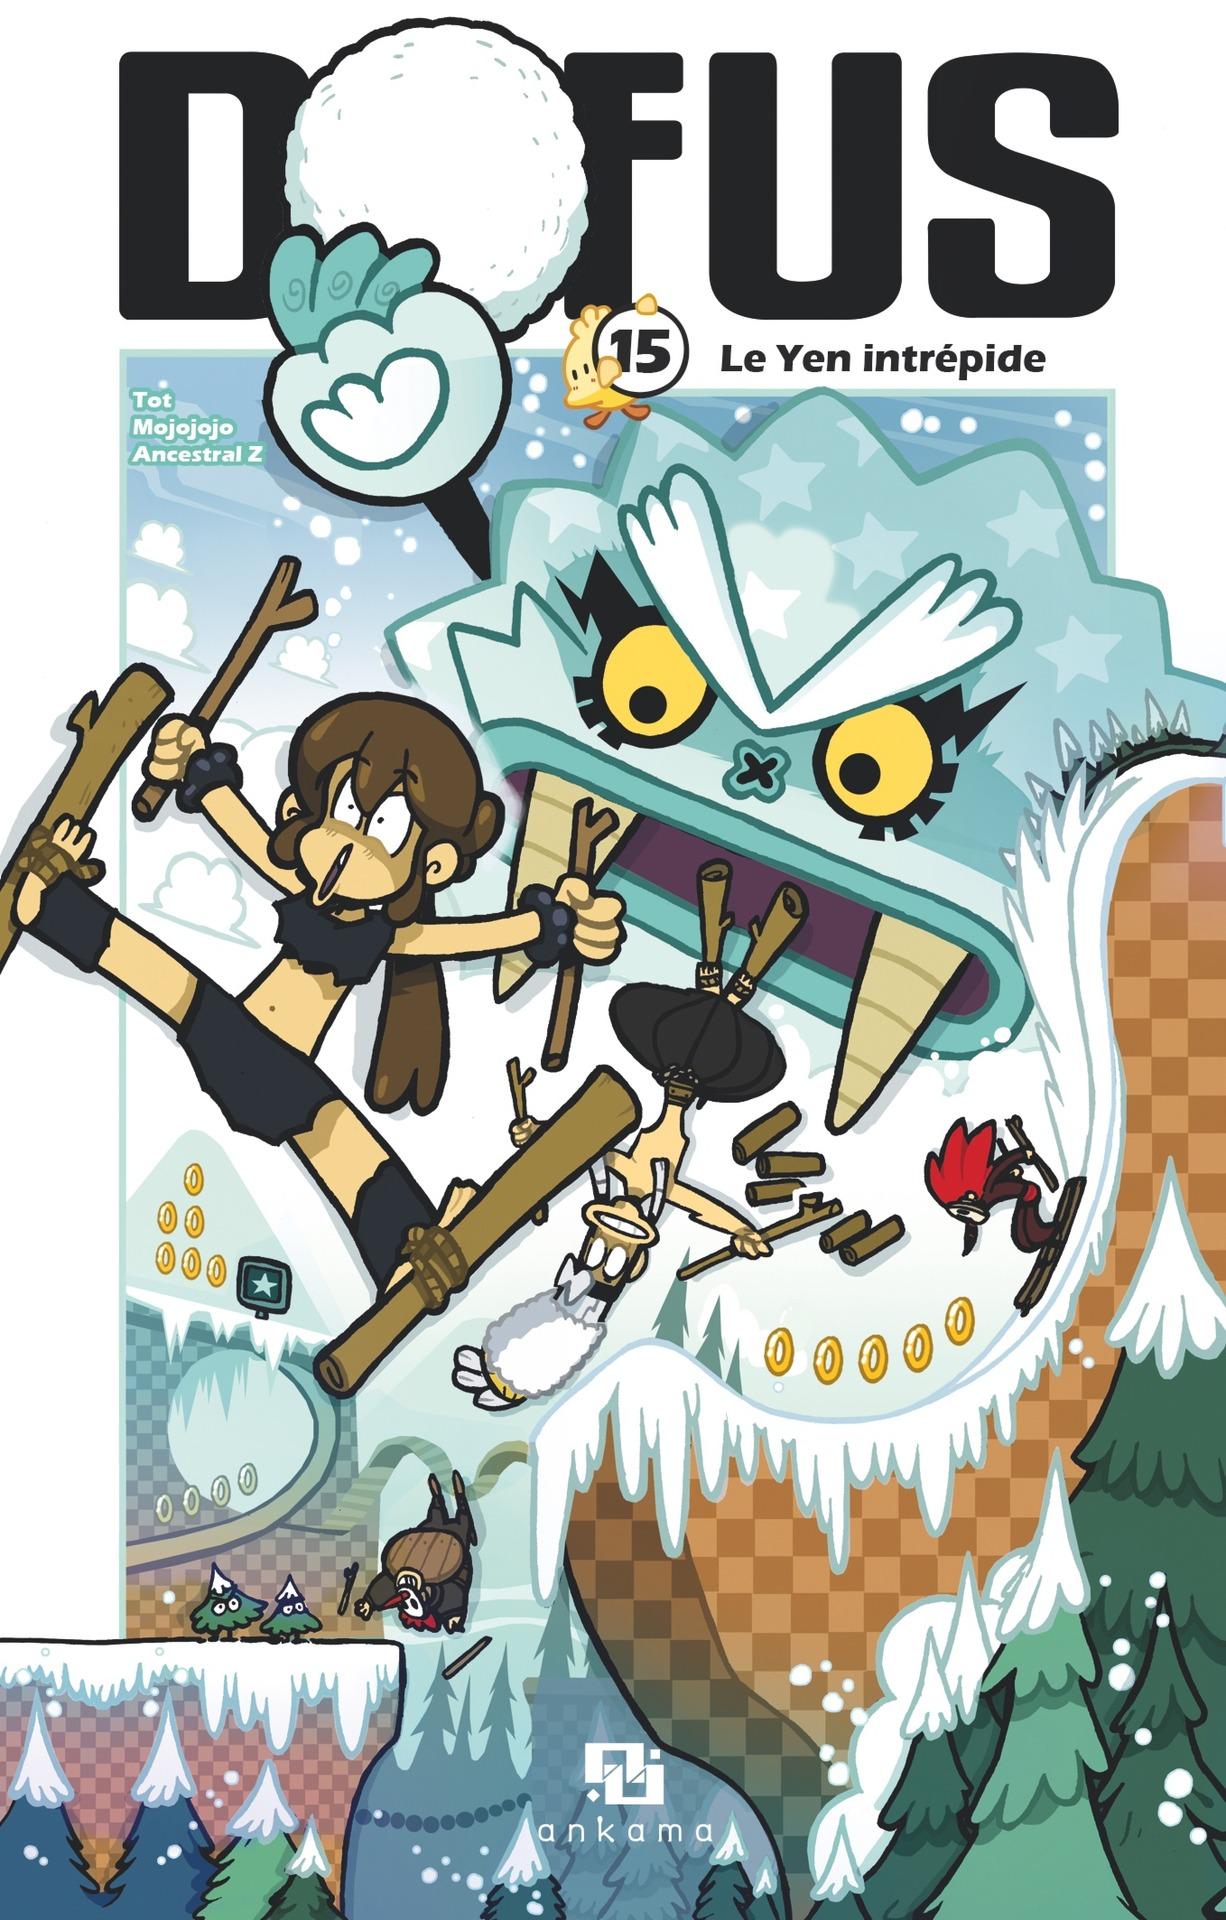 Dofus Manga - Tome 15 - Le Yen intrépide